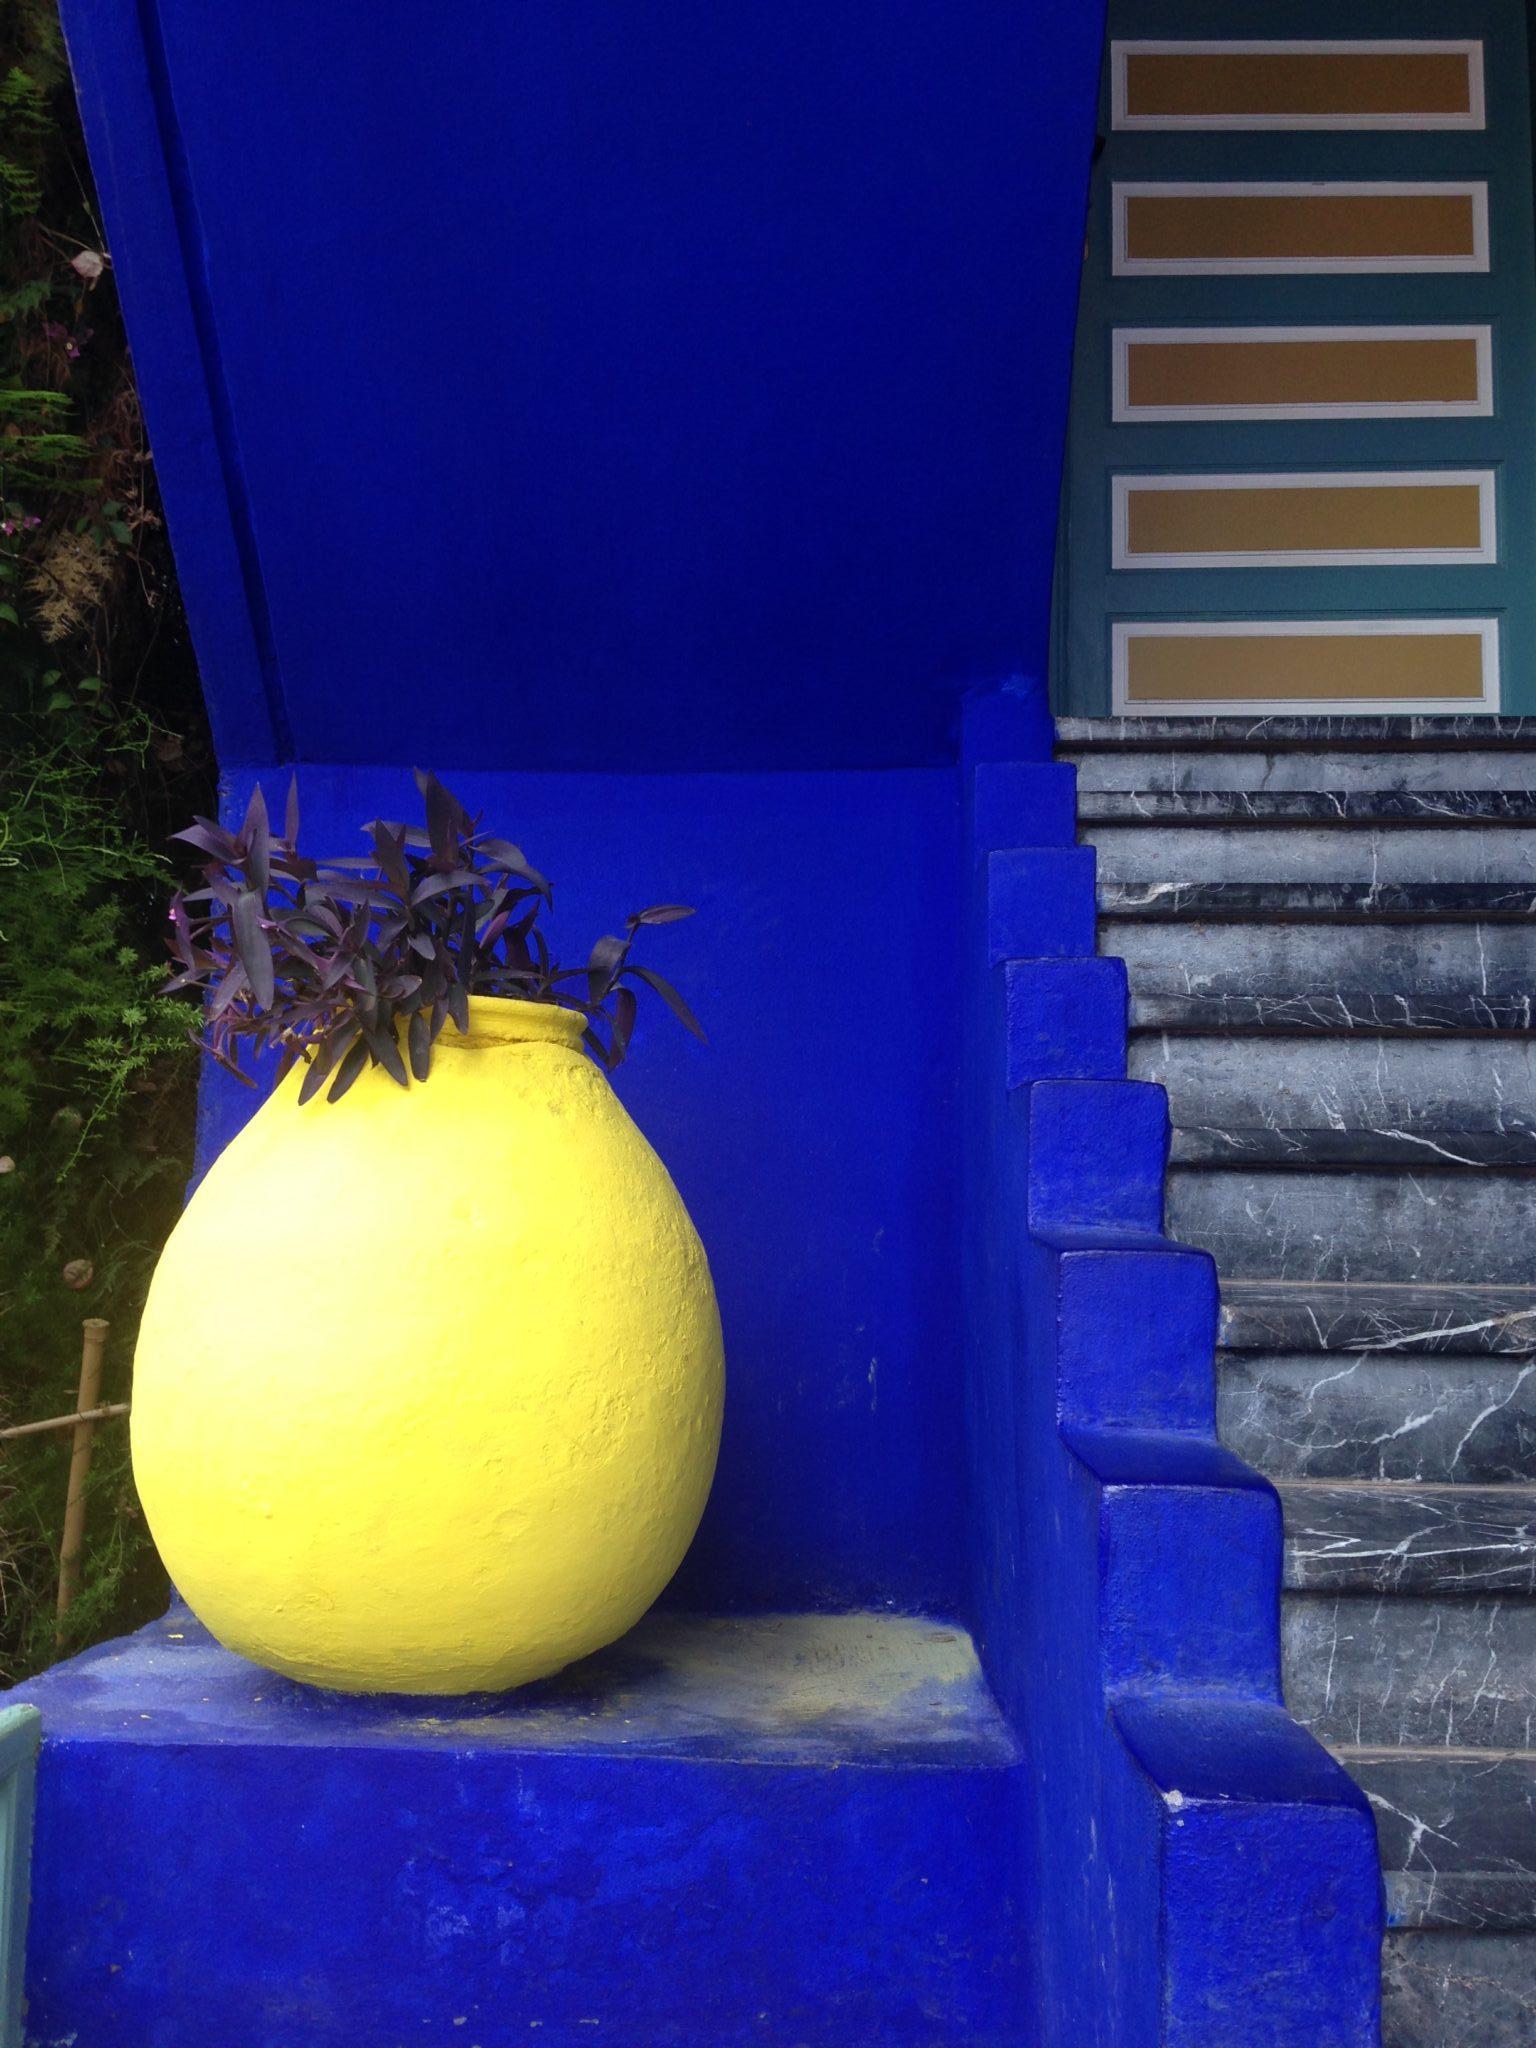 Détail sur une porcelaine jaune sur fond bleu